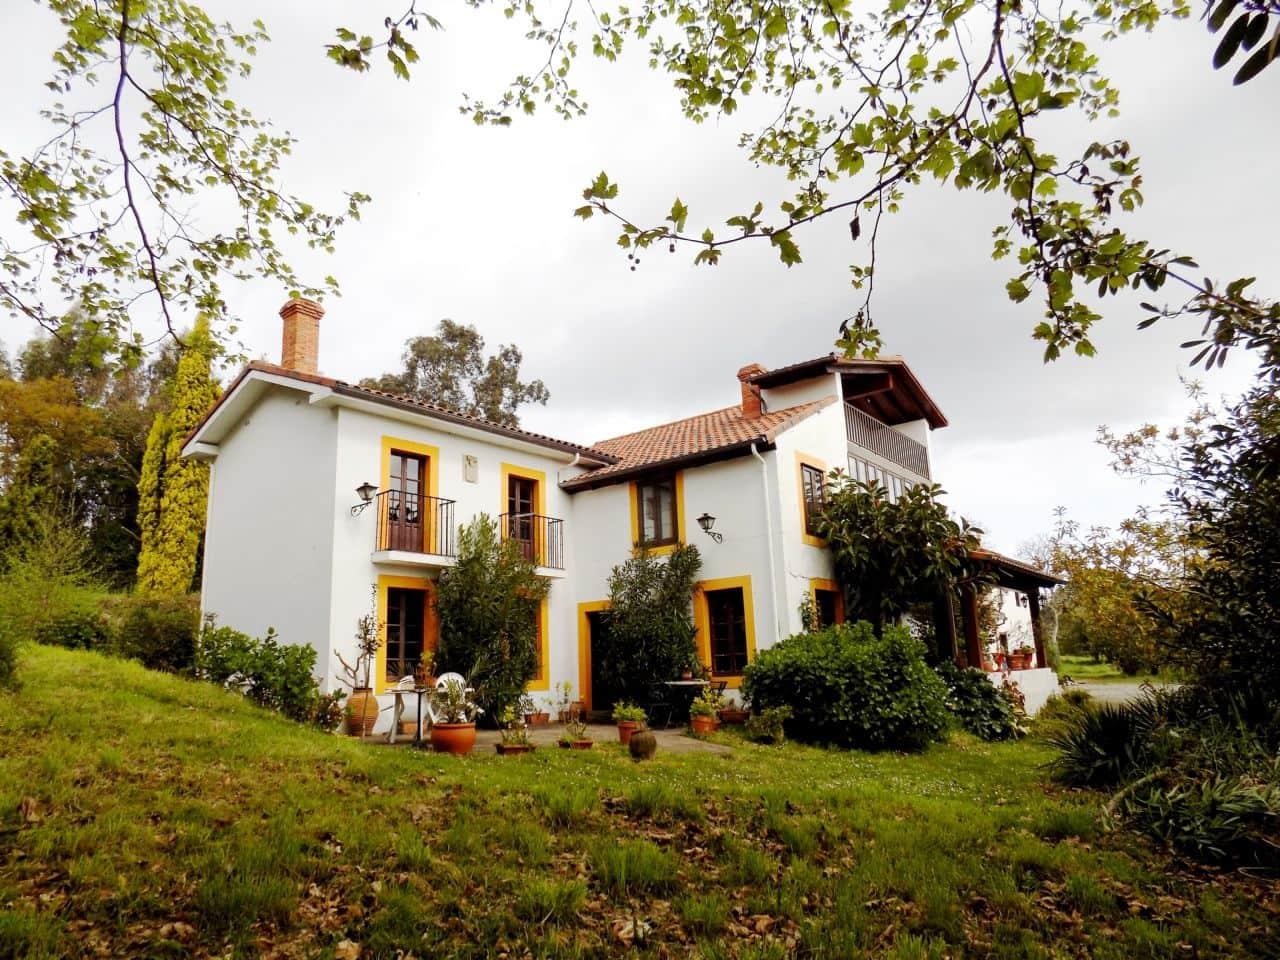 Finca/Casa Rural de 5 habitaciones en Castrillón en venta - 470.000 € (Ref: 4805561)